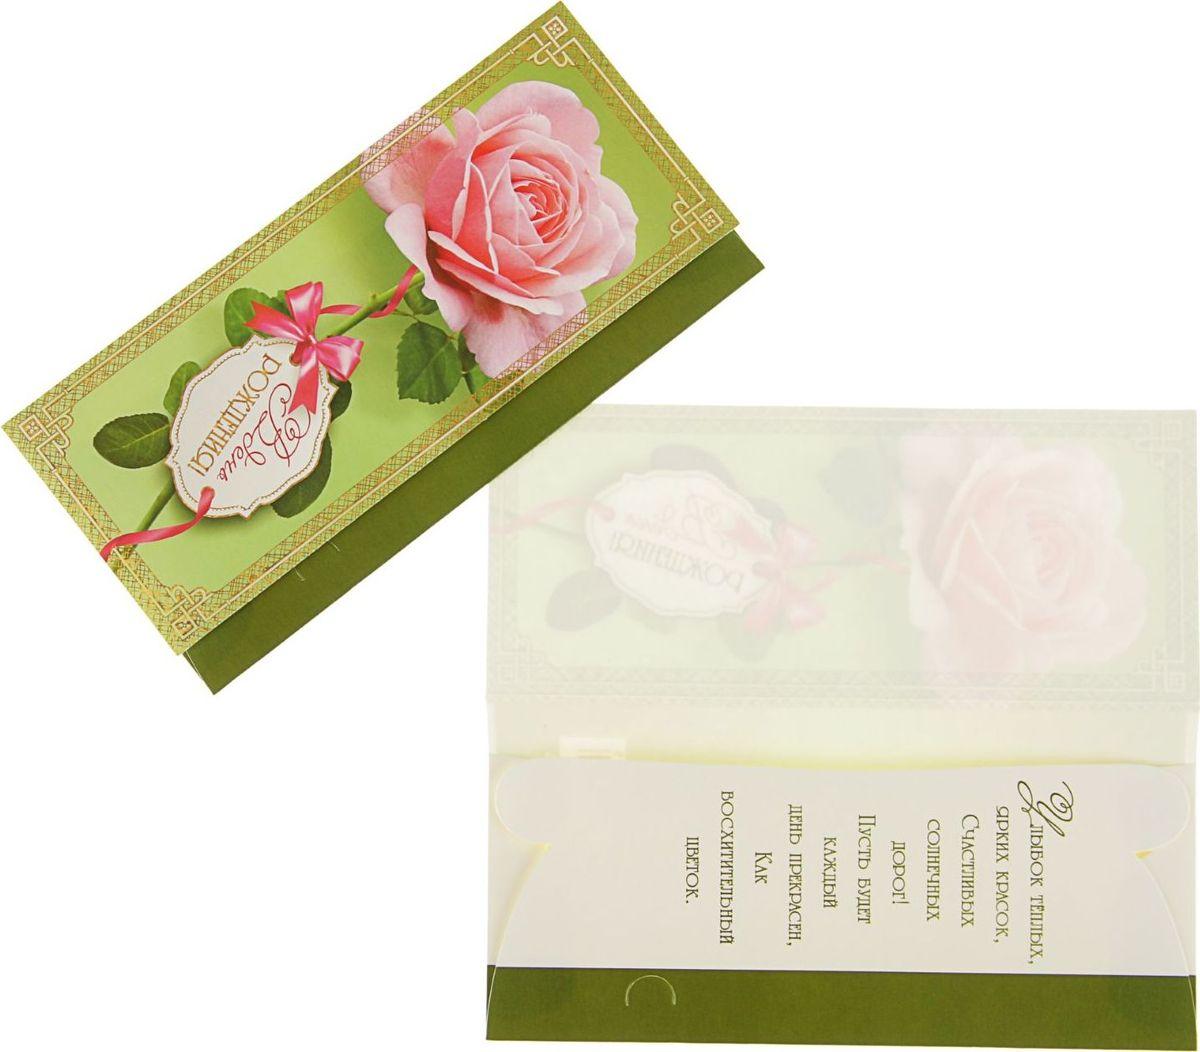 Конверт для денег Гранд Дизайн В День Рождения! Розовая роза, зеленый фон, 16,3 х 8,3 см2422956Невозможно представить нашу жизнь без праздников! Мы всегда ждём их и предвкушаем, обдумываем, как проведём памятный день, тщательно выбираем подарки и аксессуары, ведь именно они создают и поддерживают торжественный настрой. Этот конверт для денег - отличный выбор, который привнесёт атмосферу праздника в ваш дом!